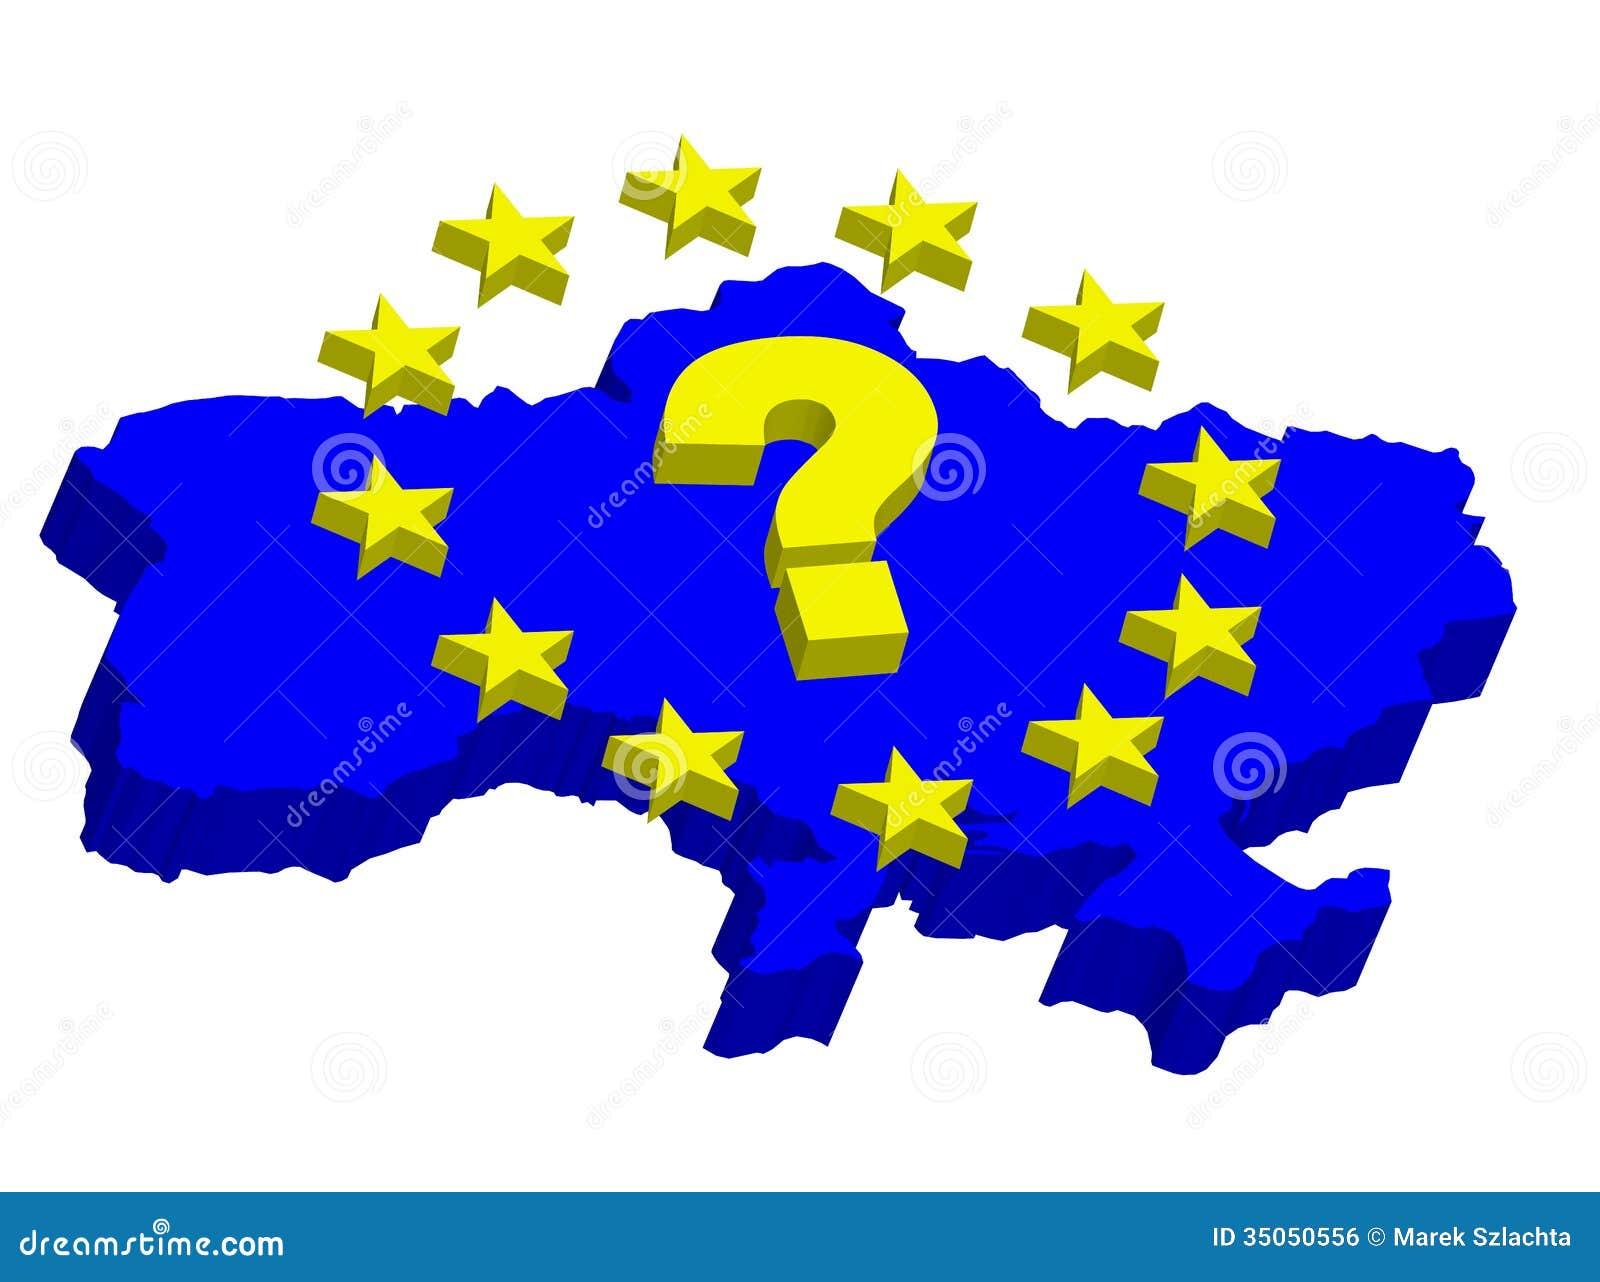 Ukraine in EU